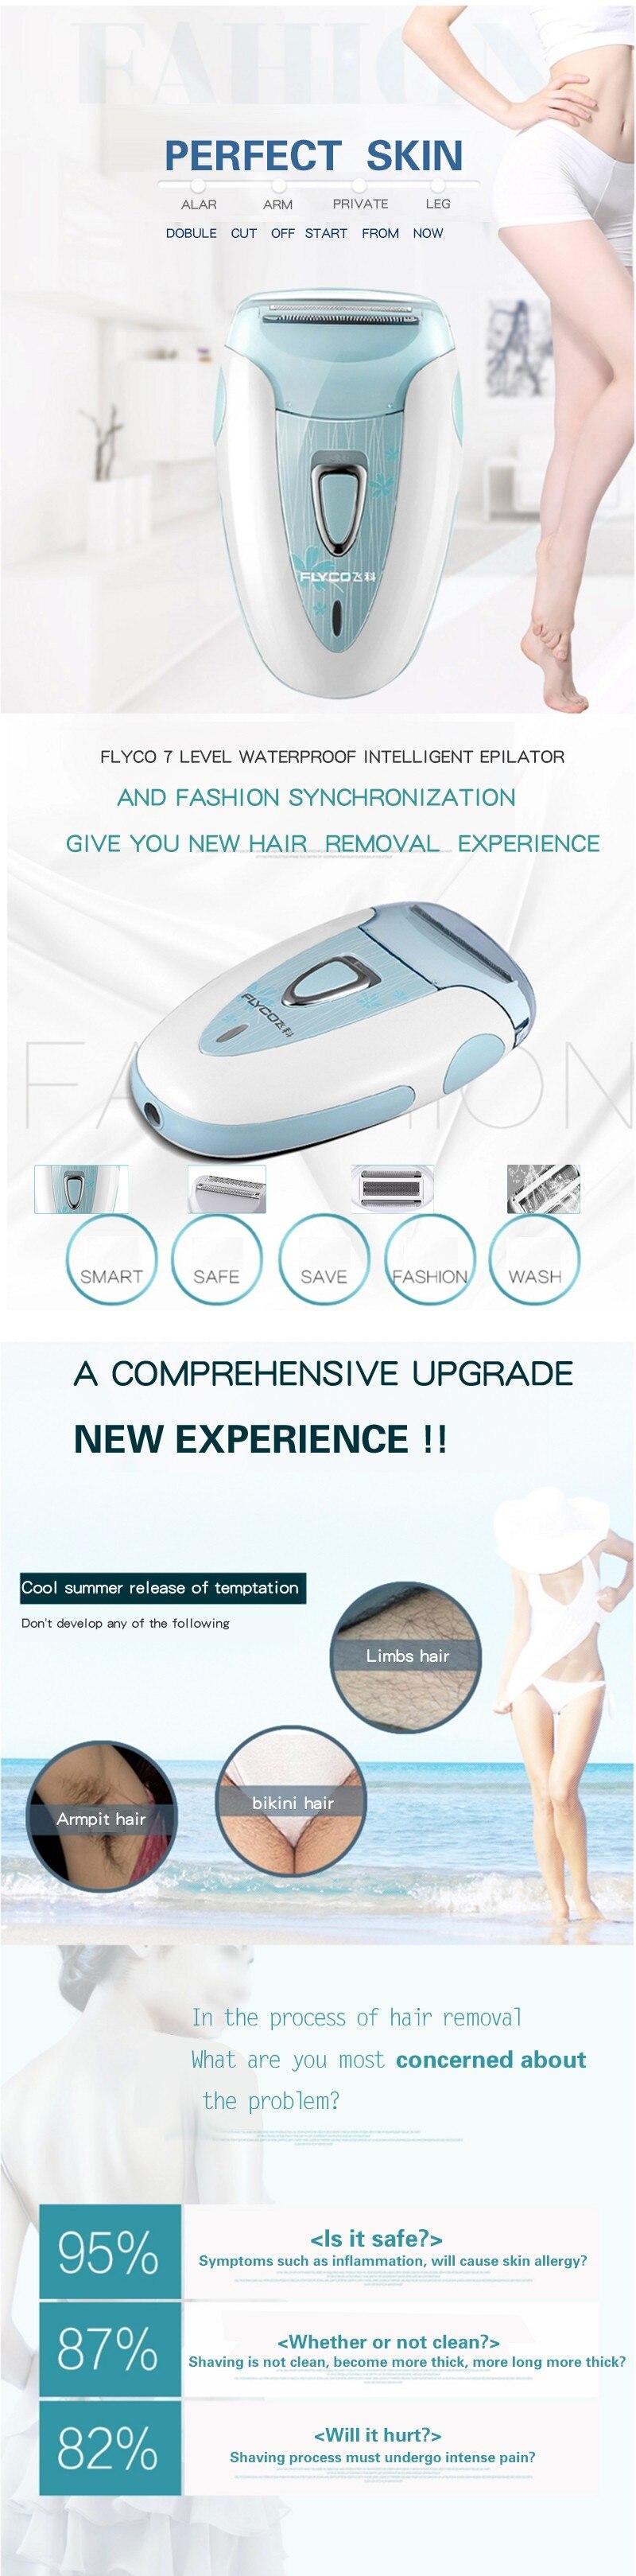 Flyco профессиональная перезаряжаемая модная Женская бритва устройство для удаления волос женский эпилятор электрический бритвенный соскабливающий FS7208